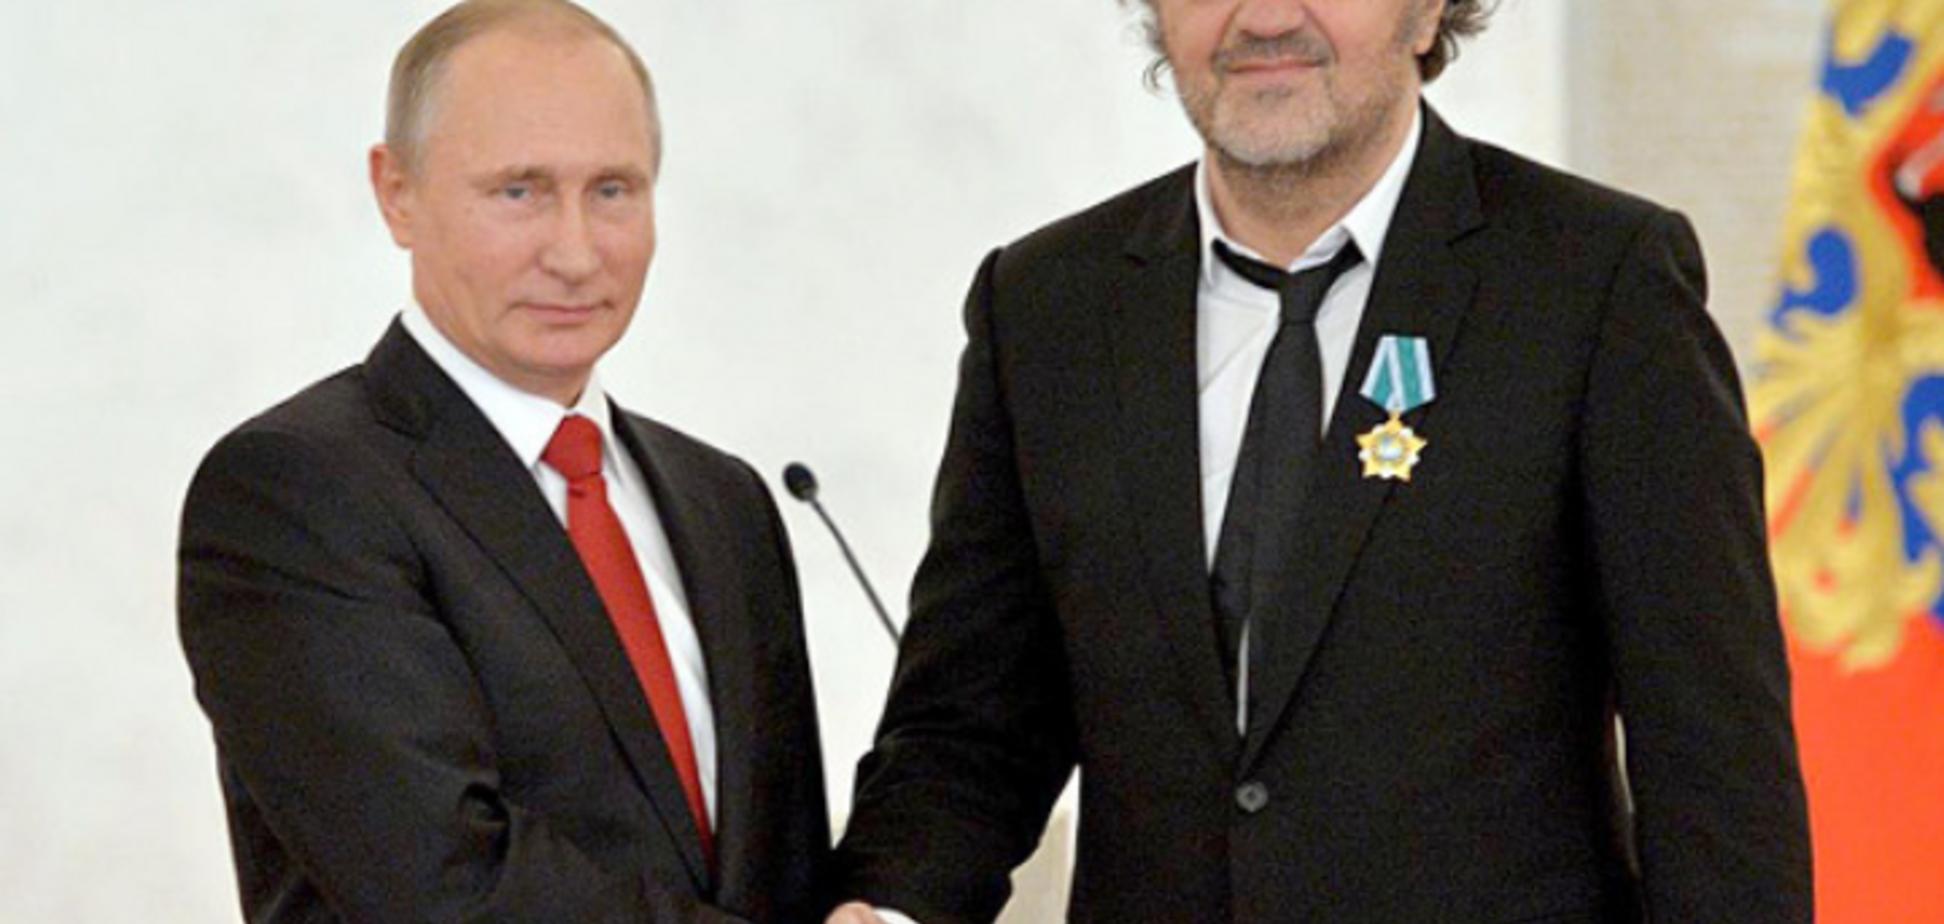 'Поступаю, как считаю нужным': всемирно известный кинорежиссер поехал в Крым